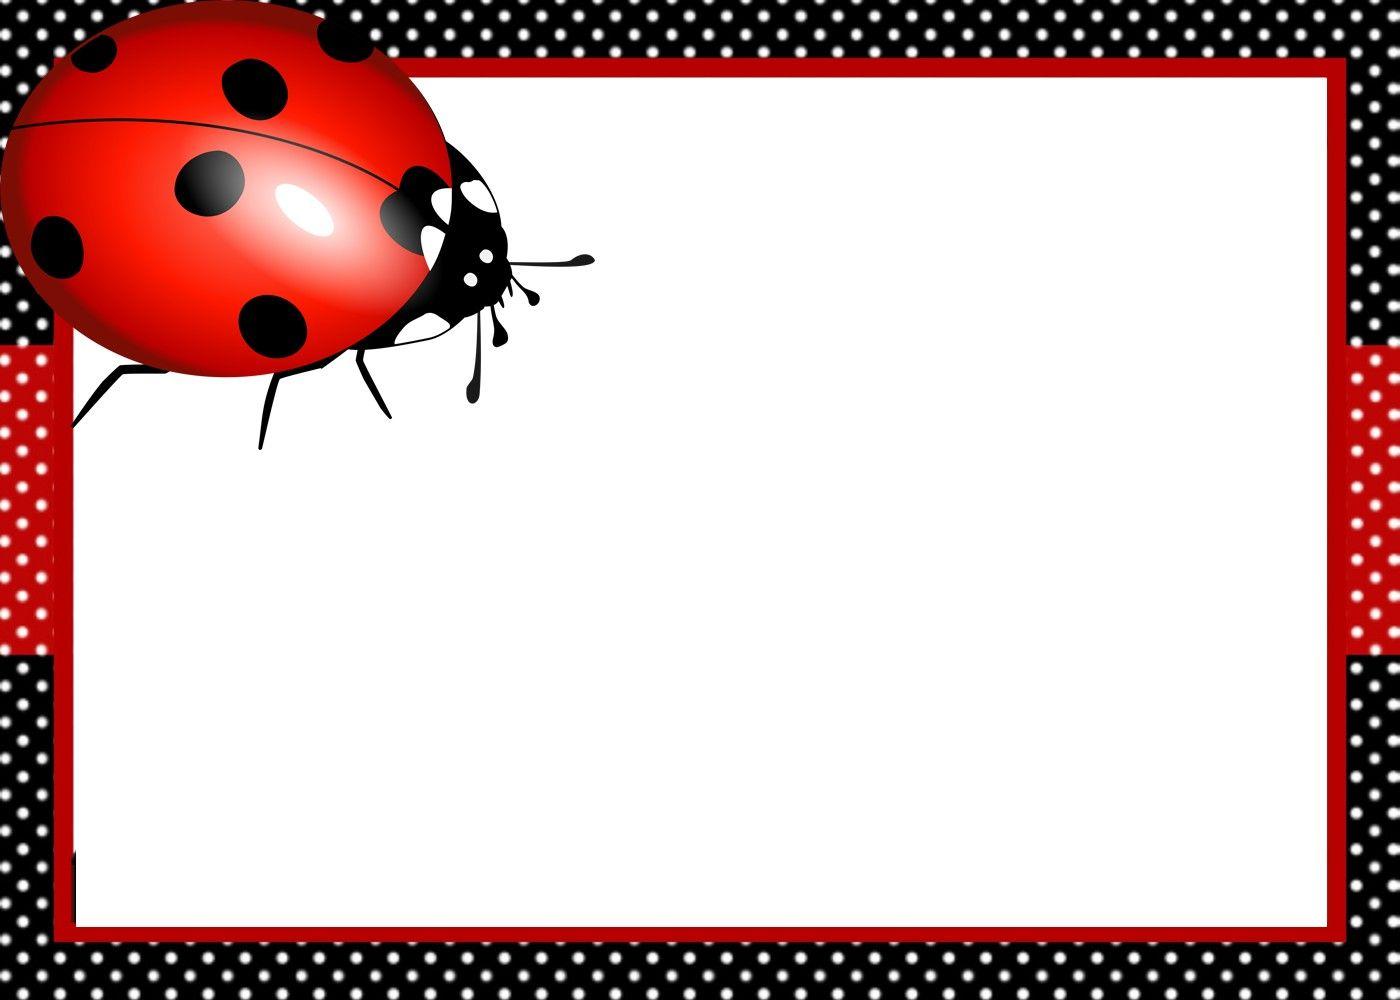 ladybug invitation template   ladybug invitations, ladybug birthday  invitations, ladybug birthday  pinterest